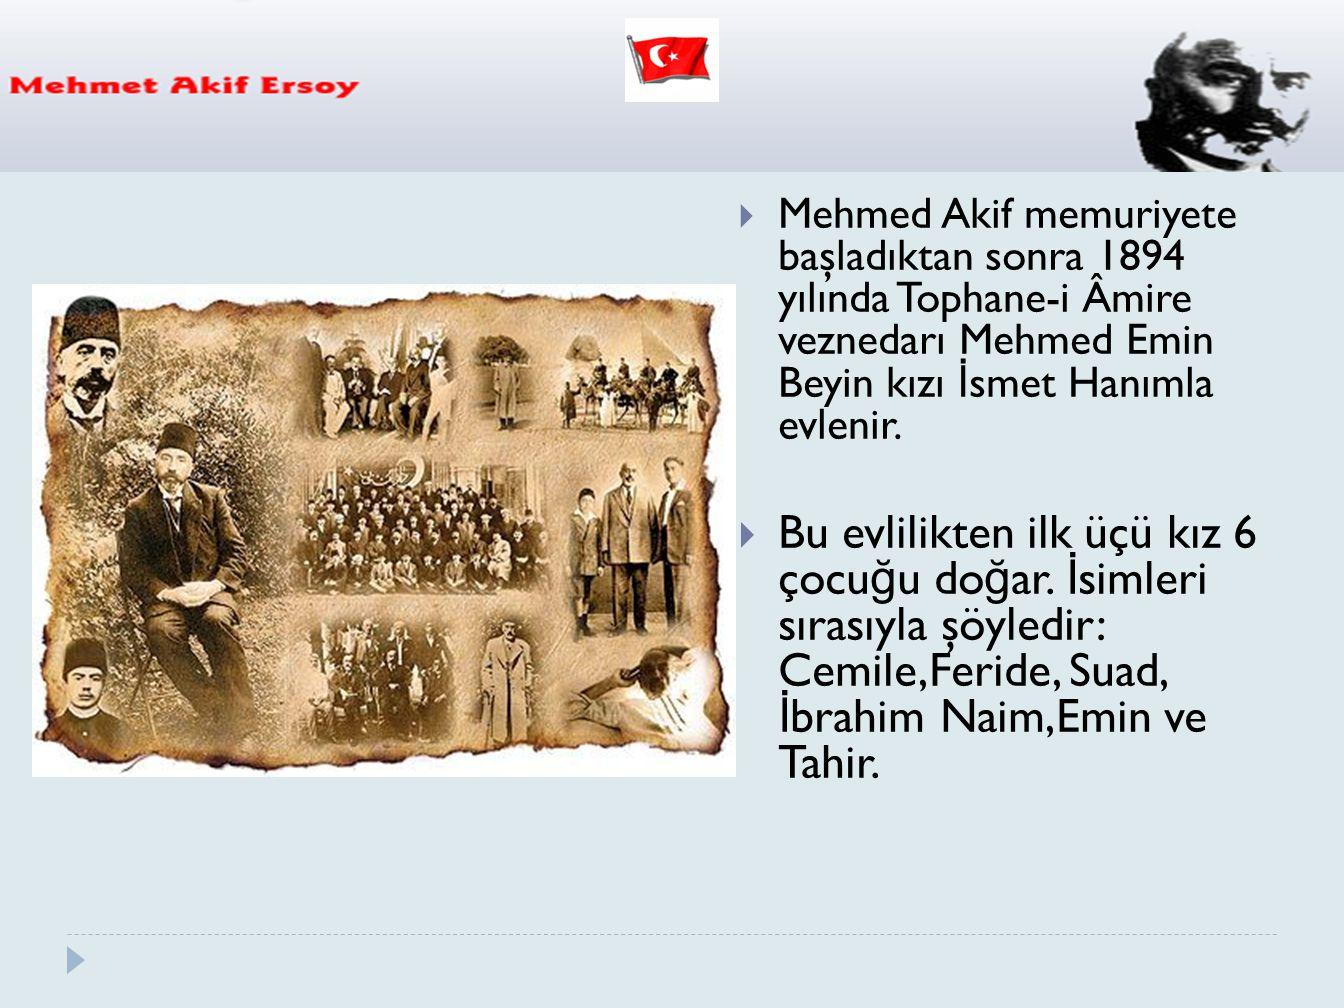 Mehmed Akif memuriyete başladıktan sonra 1894 yılında Tophane-i Âmire veznedarı Mehmed Emin Beyin kızı İsmet Hanımla evlenir.